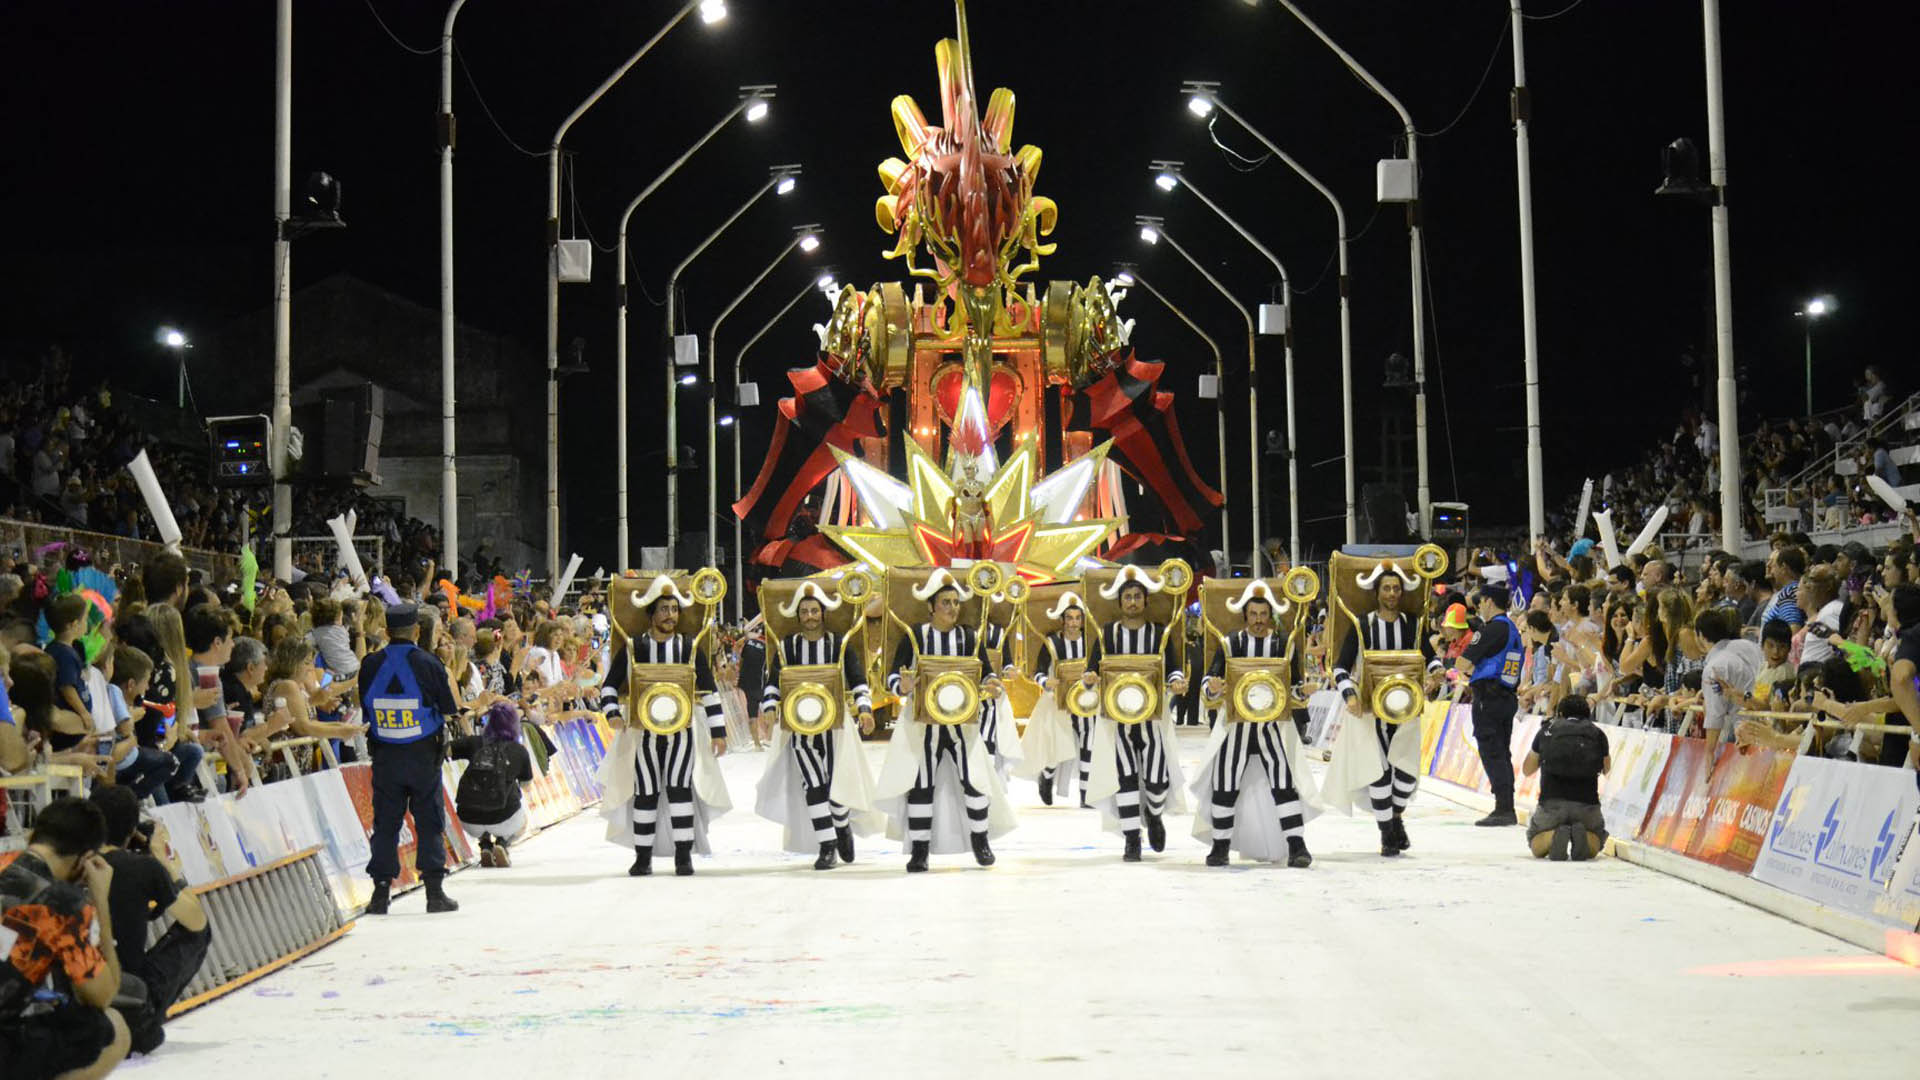 Más de 80 mil personas ya disfrutaron del carnaval de Gualeguaychú, que  busca igualar los números de la temporada pasada - Infobae